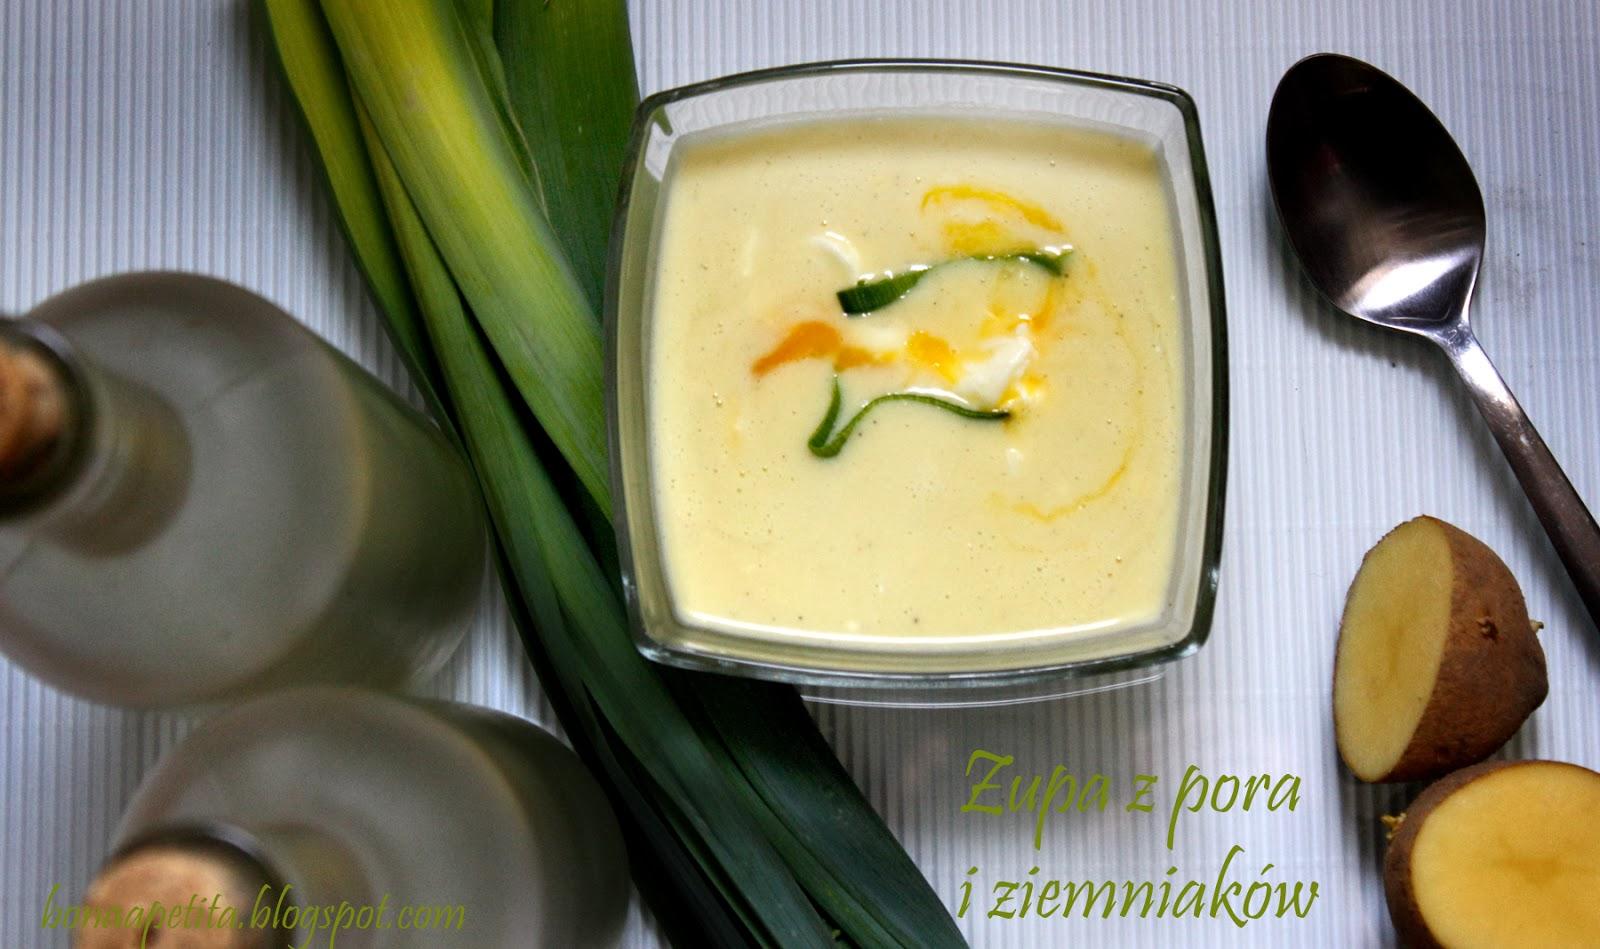 Zupa z pora i ziemniaków z parmezanem i jajkiem w koszulce